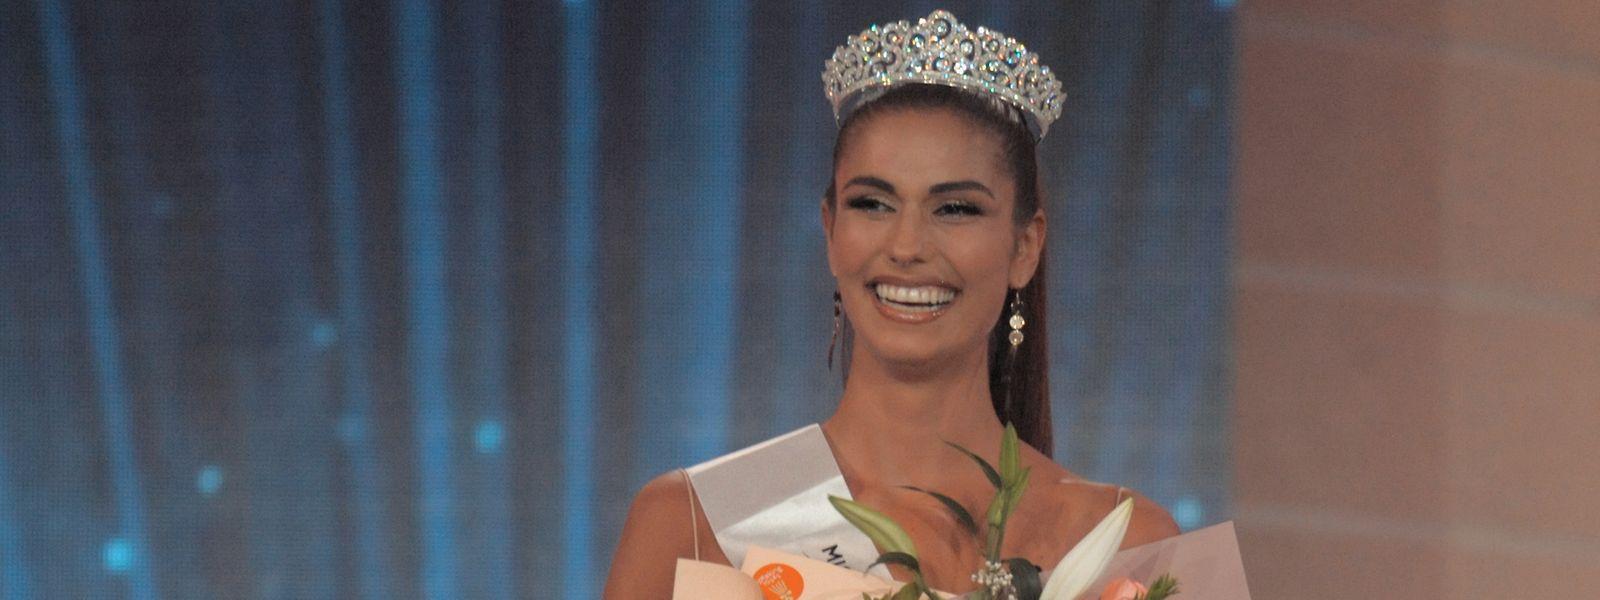 """Vonesa Alijaj ist """"Miss Earth Kosovo 2021"""". Diese Plattform will die ehemalige """"Miss Luxembourg"""" für ein ihr wichtiges Anliegen nutzen: Die Bildung von Kindern."""